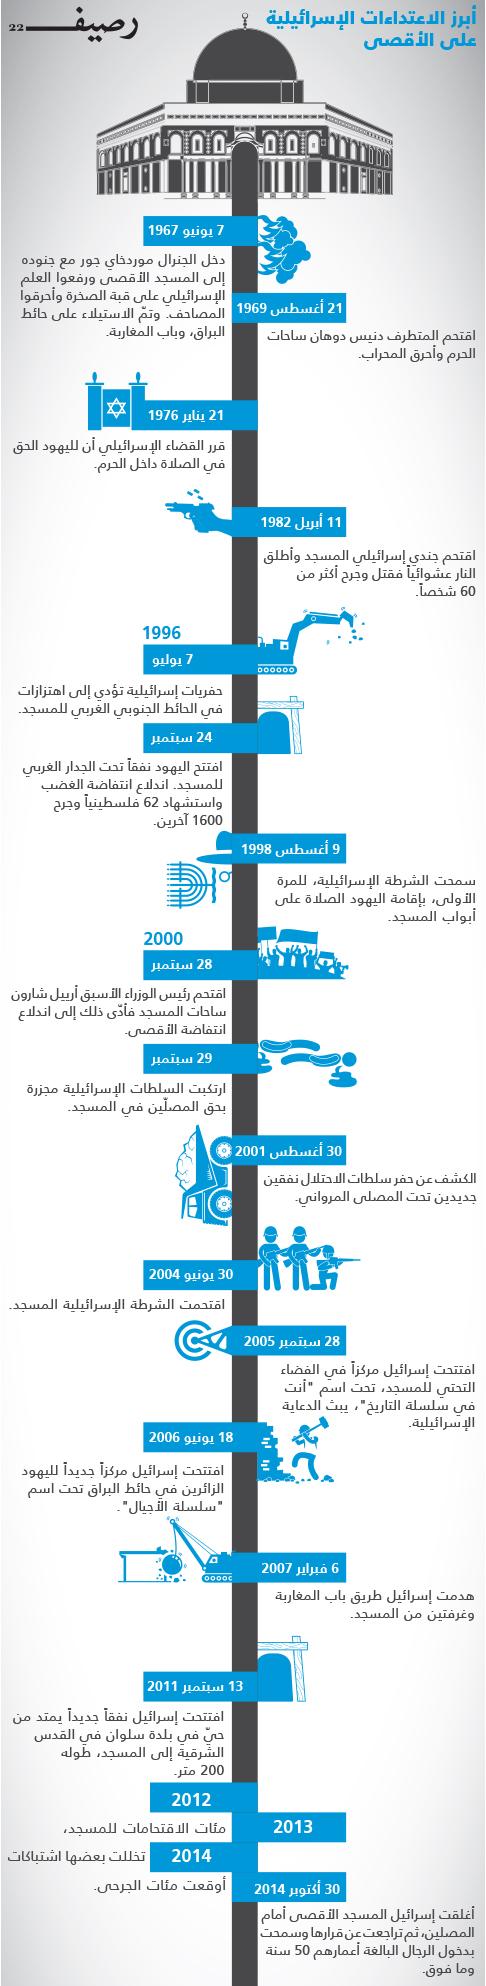 تاريخ الصراع الديني على المسجد الأقصى - إنفوجرافيك